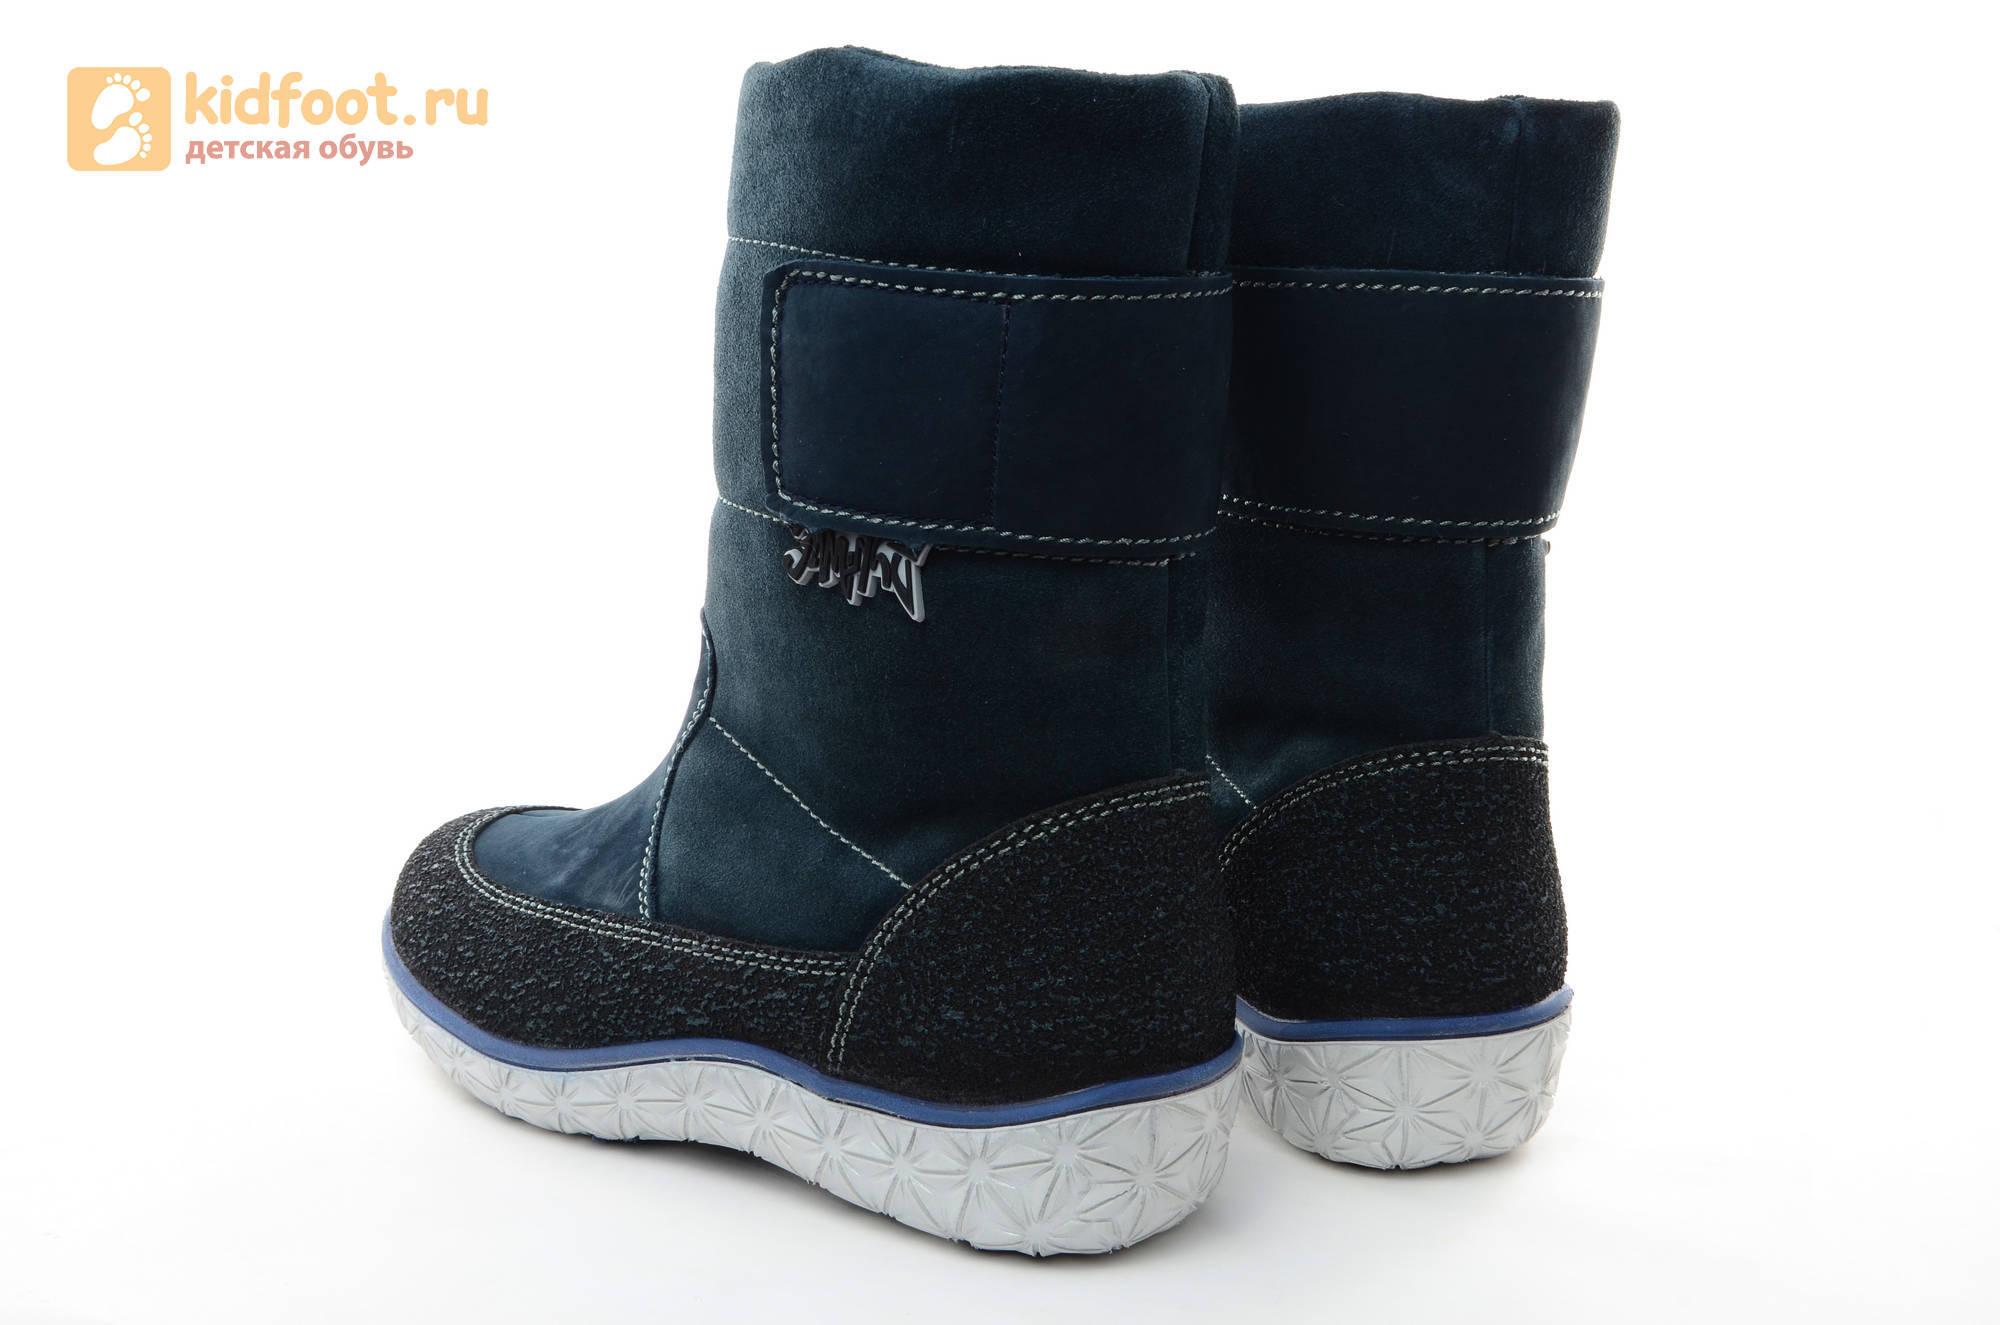 Зимние сапоги для мальчиков Лель из натуральной кожи на натуральном меху, цвет синий